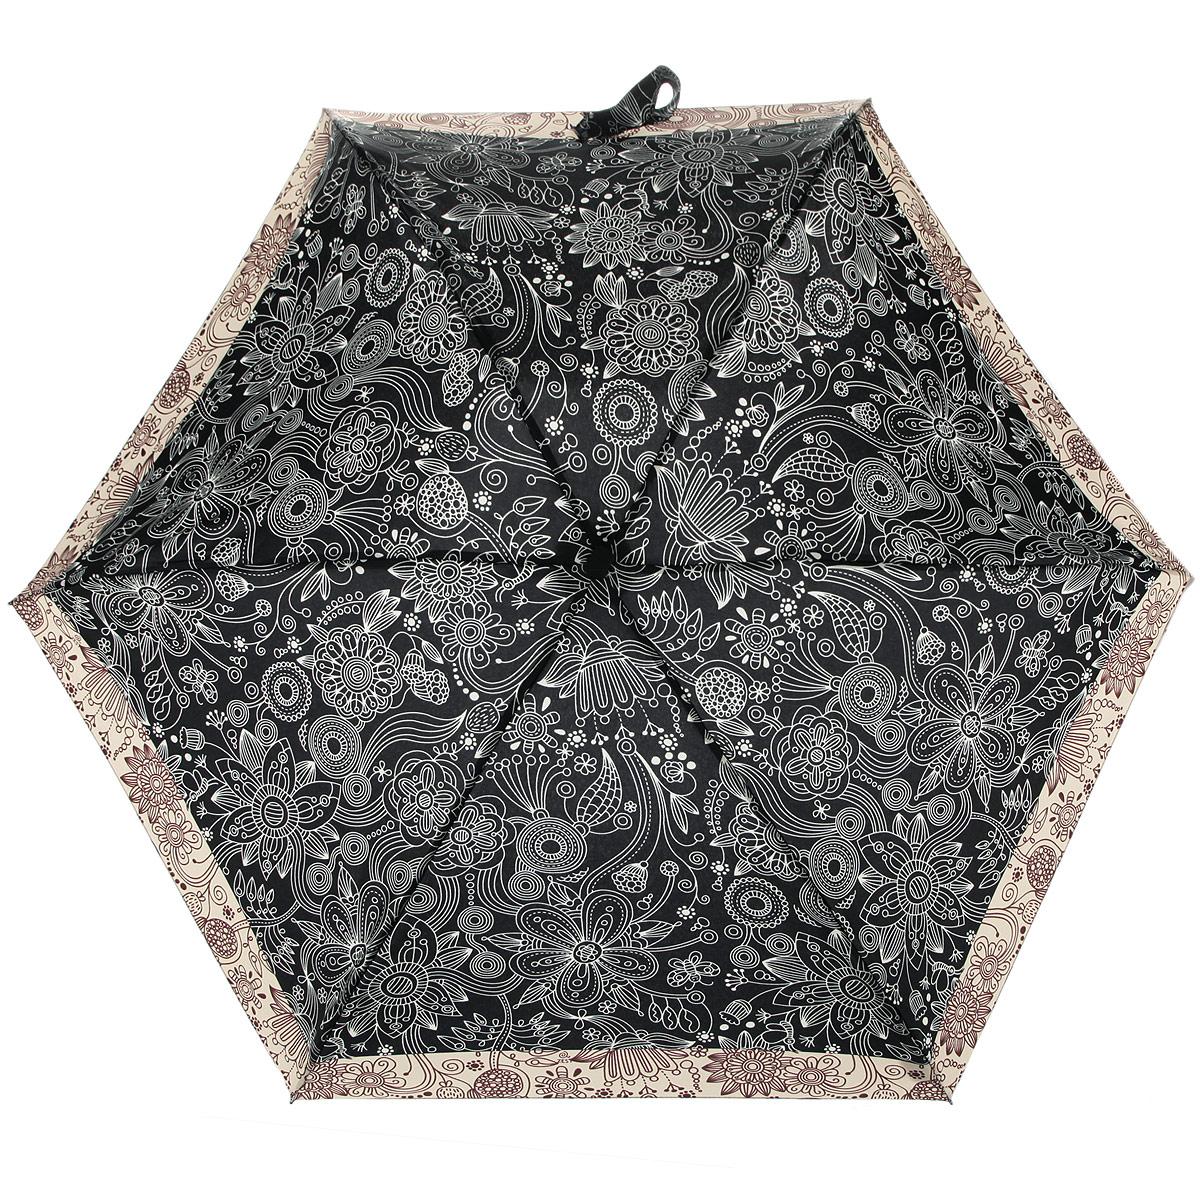 Зонт женский Zest, цвет: темно-коричневый, бежевый. 25516-217225516-2172Компактный женский зонт ZEST выполнен из металла, пластика и оформлен ярким принтом. Каркас зонта выполнен из шести спиц, стержень из стали. На концах спиц предусмотрены металлические элементы, которые защитят владельца от травм. Купол зонта изготовлен прочного полиэстера. Закрытый купол застегивается на липучку хлястиком. Практичная рукоятка закругленной формы разработана с учетом требований эргономики и выполнена из пластика. Зонт складывается и раскладывается механическим способом. Такой зонт не только надежно защитит от дождя, но и станет стильным аксессуаром.